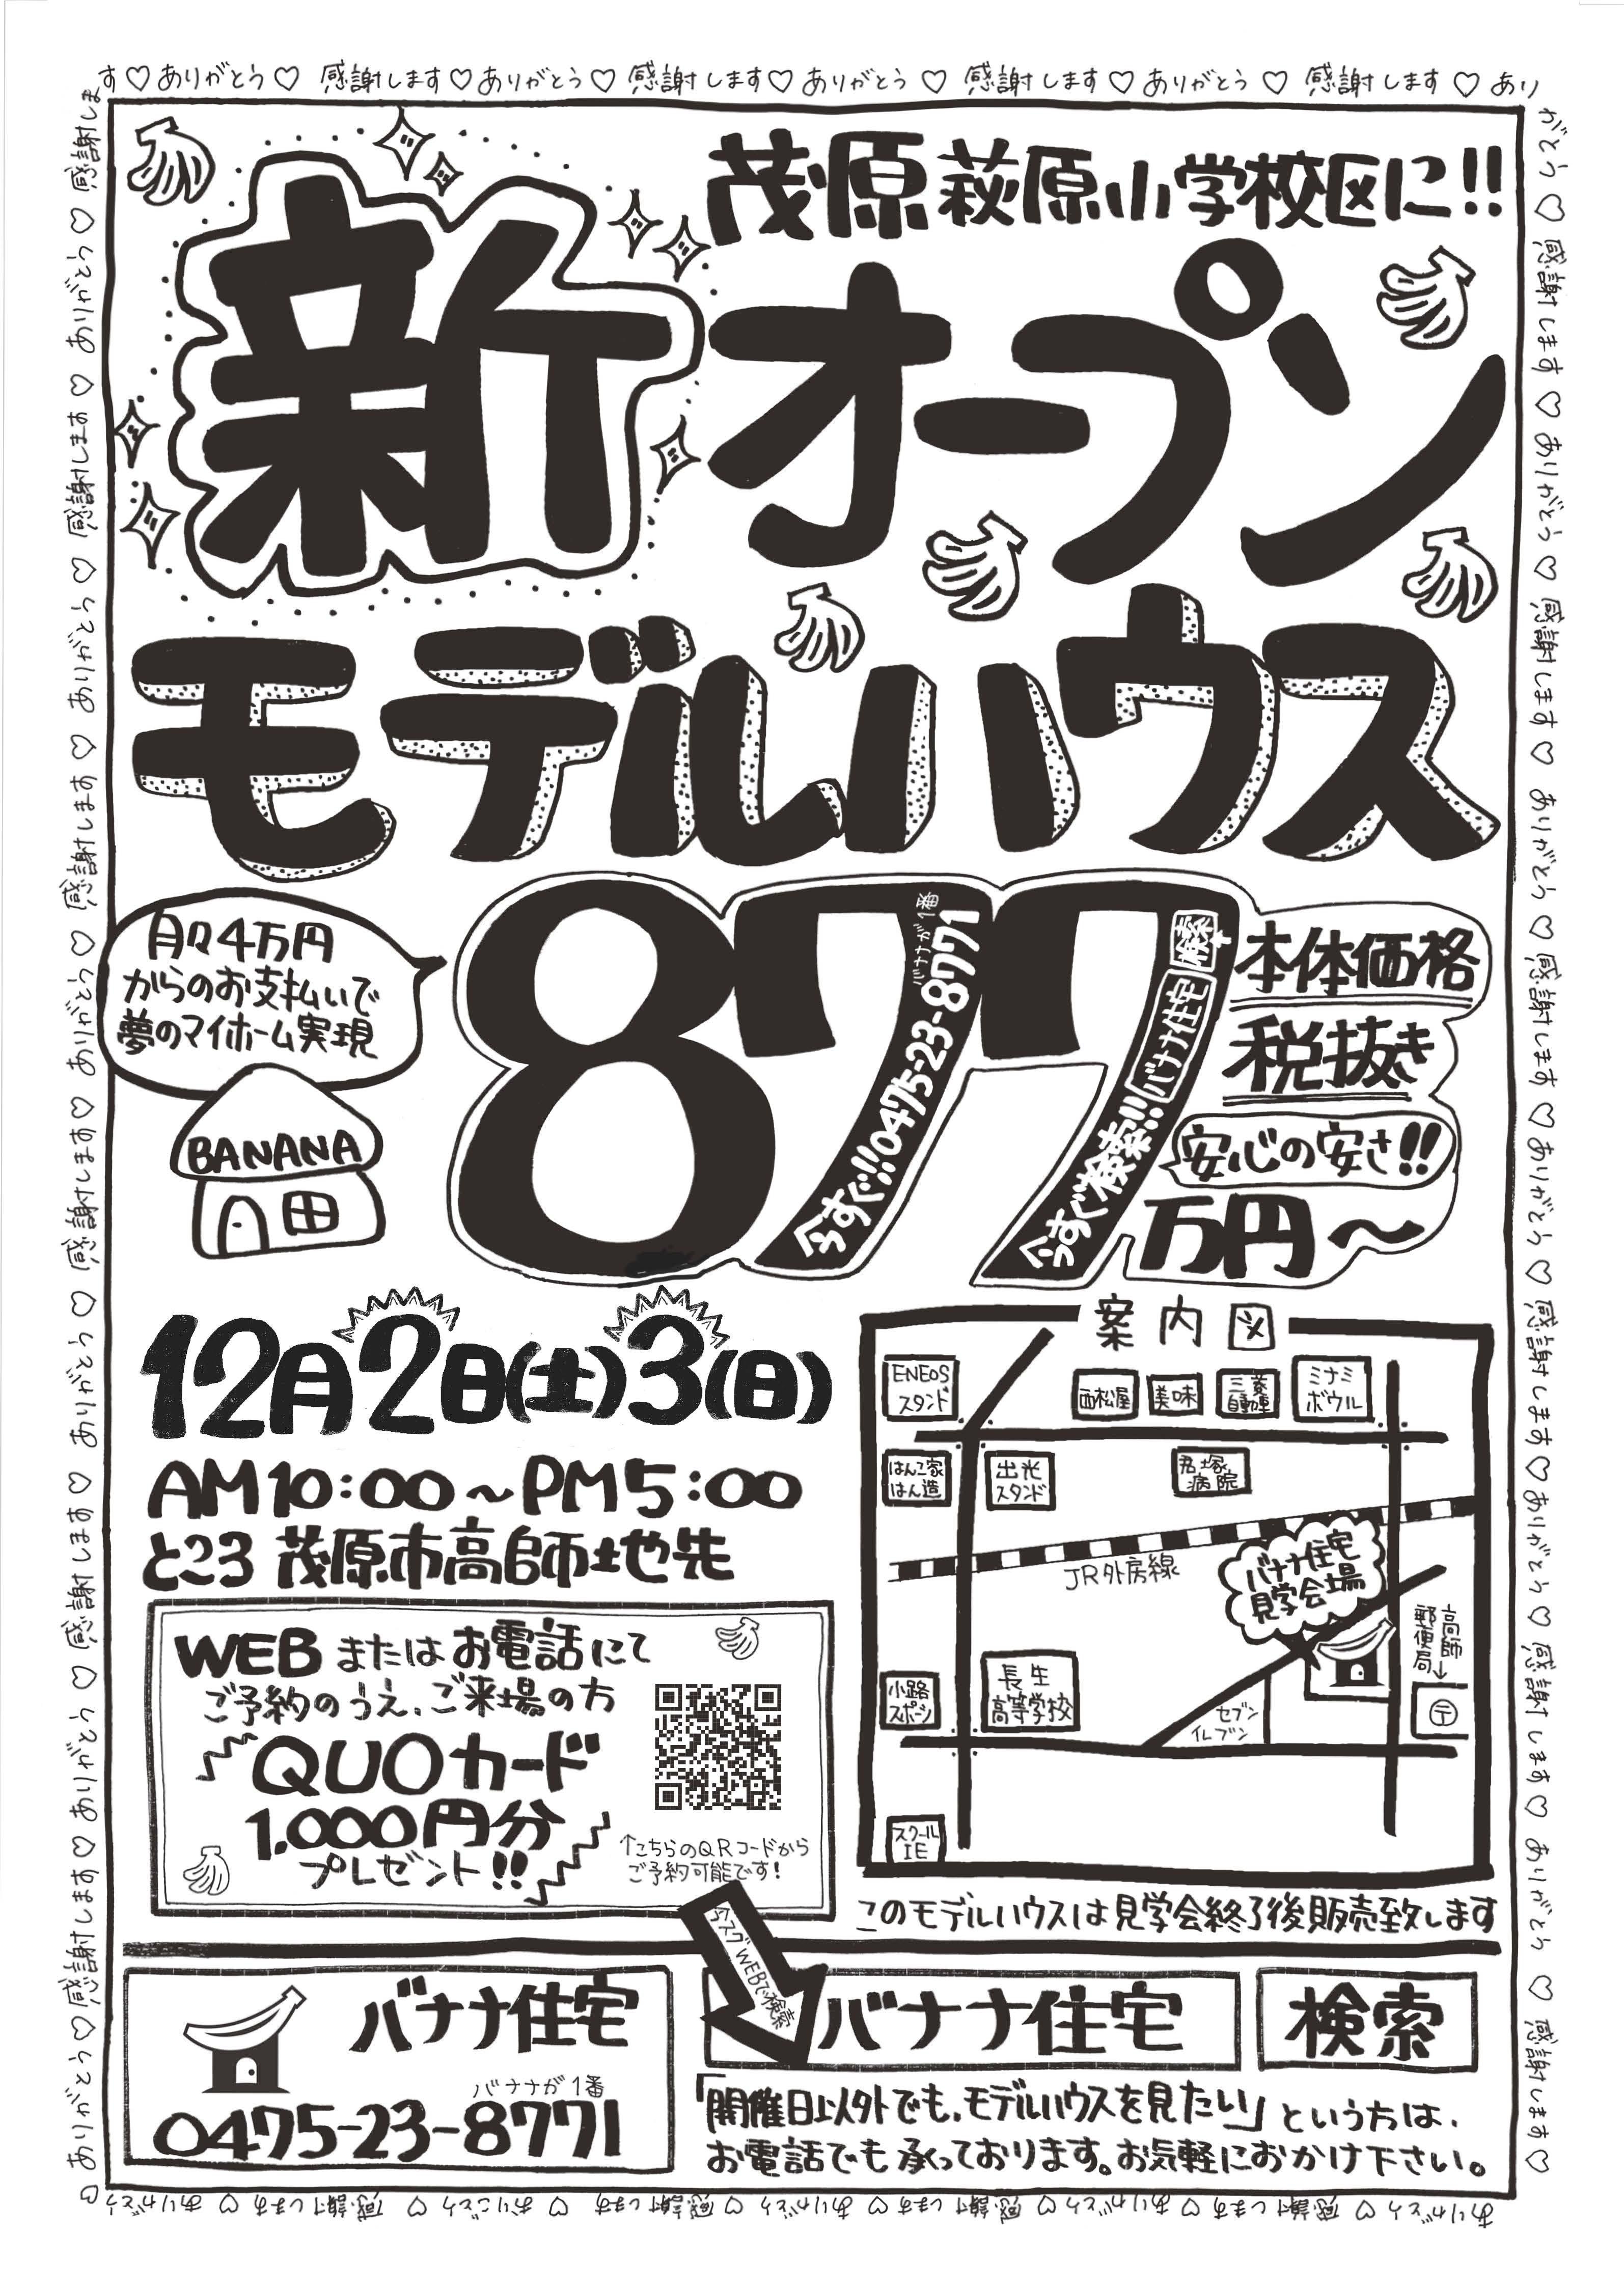 【茂原萩原新モデルハウスオープン】